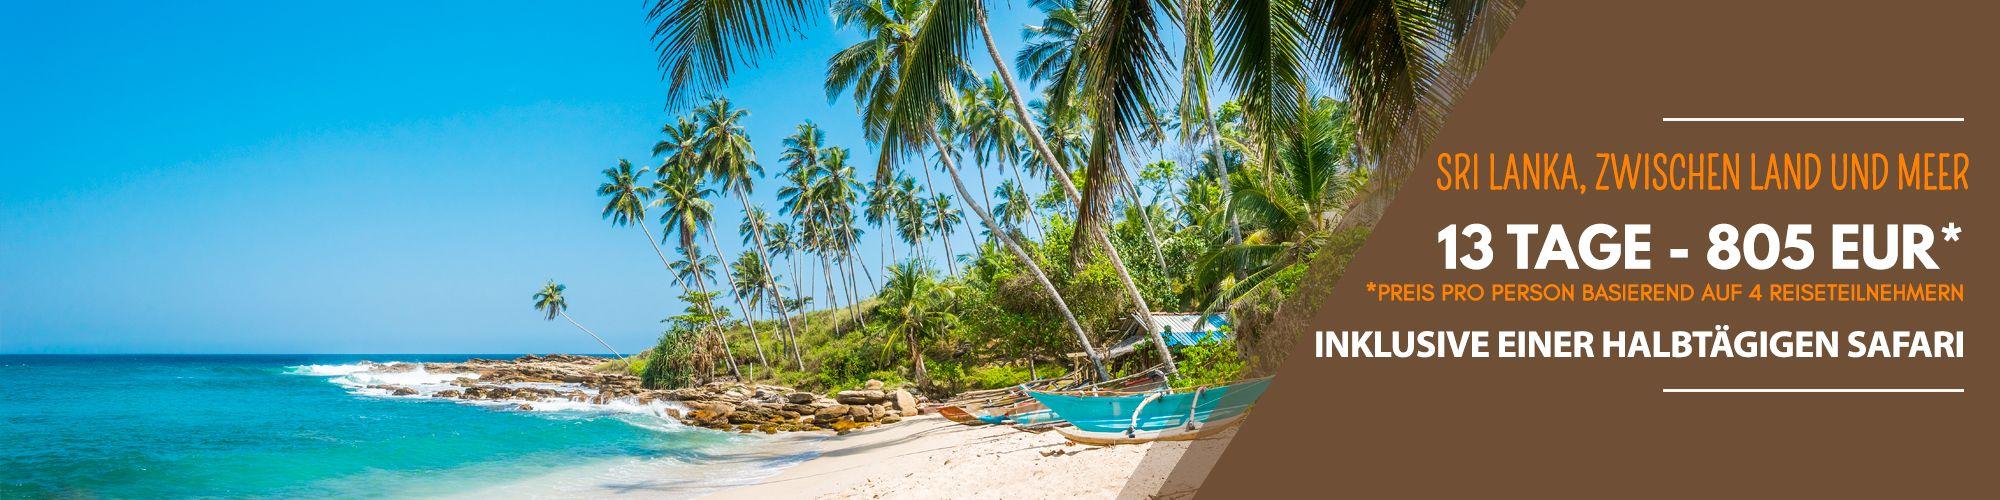 Sri Lanka, zwischen Land und Meer